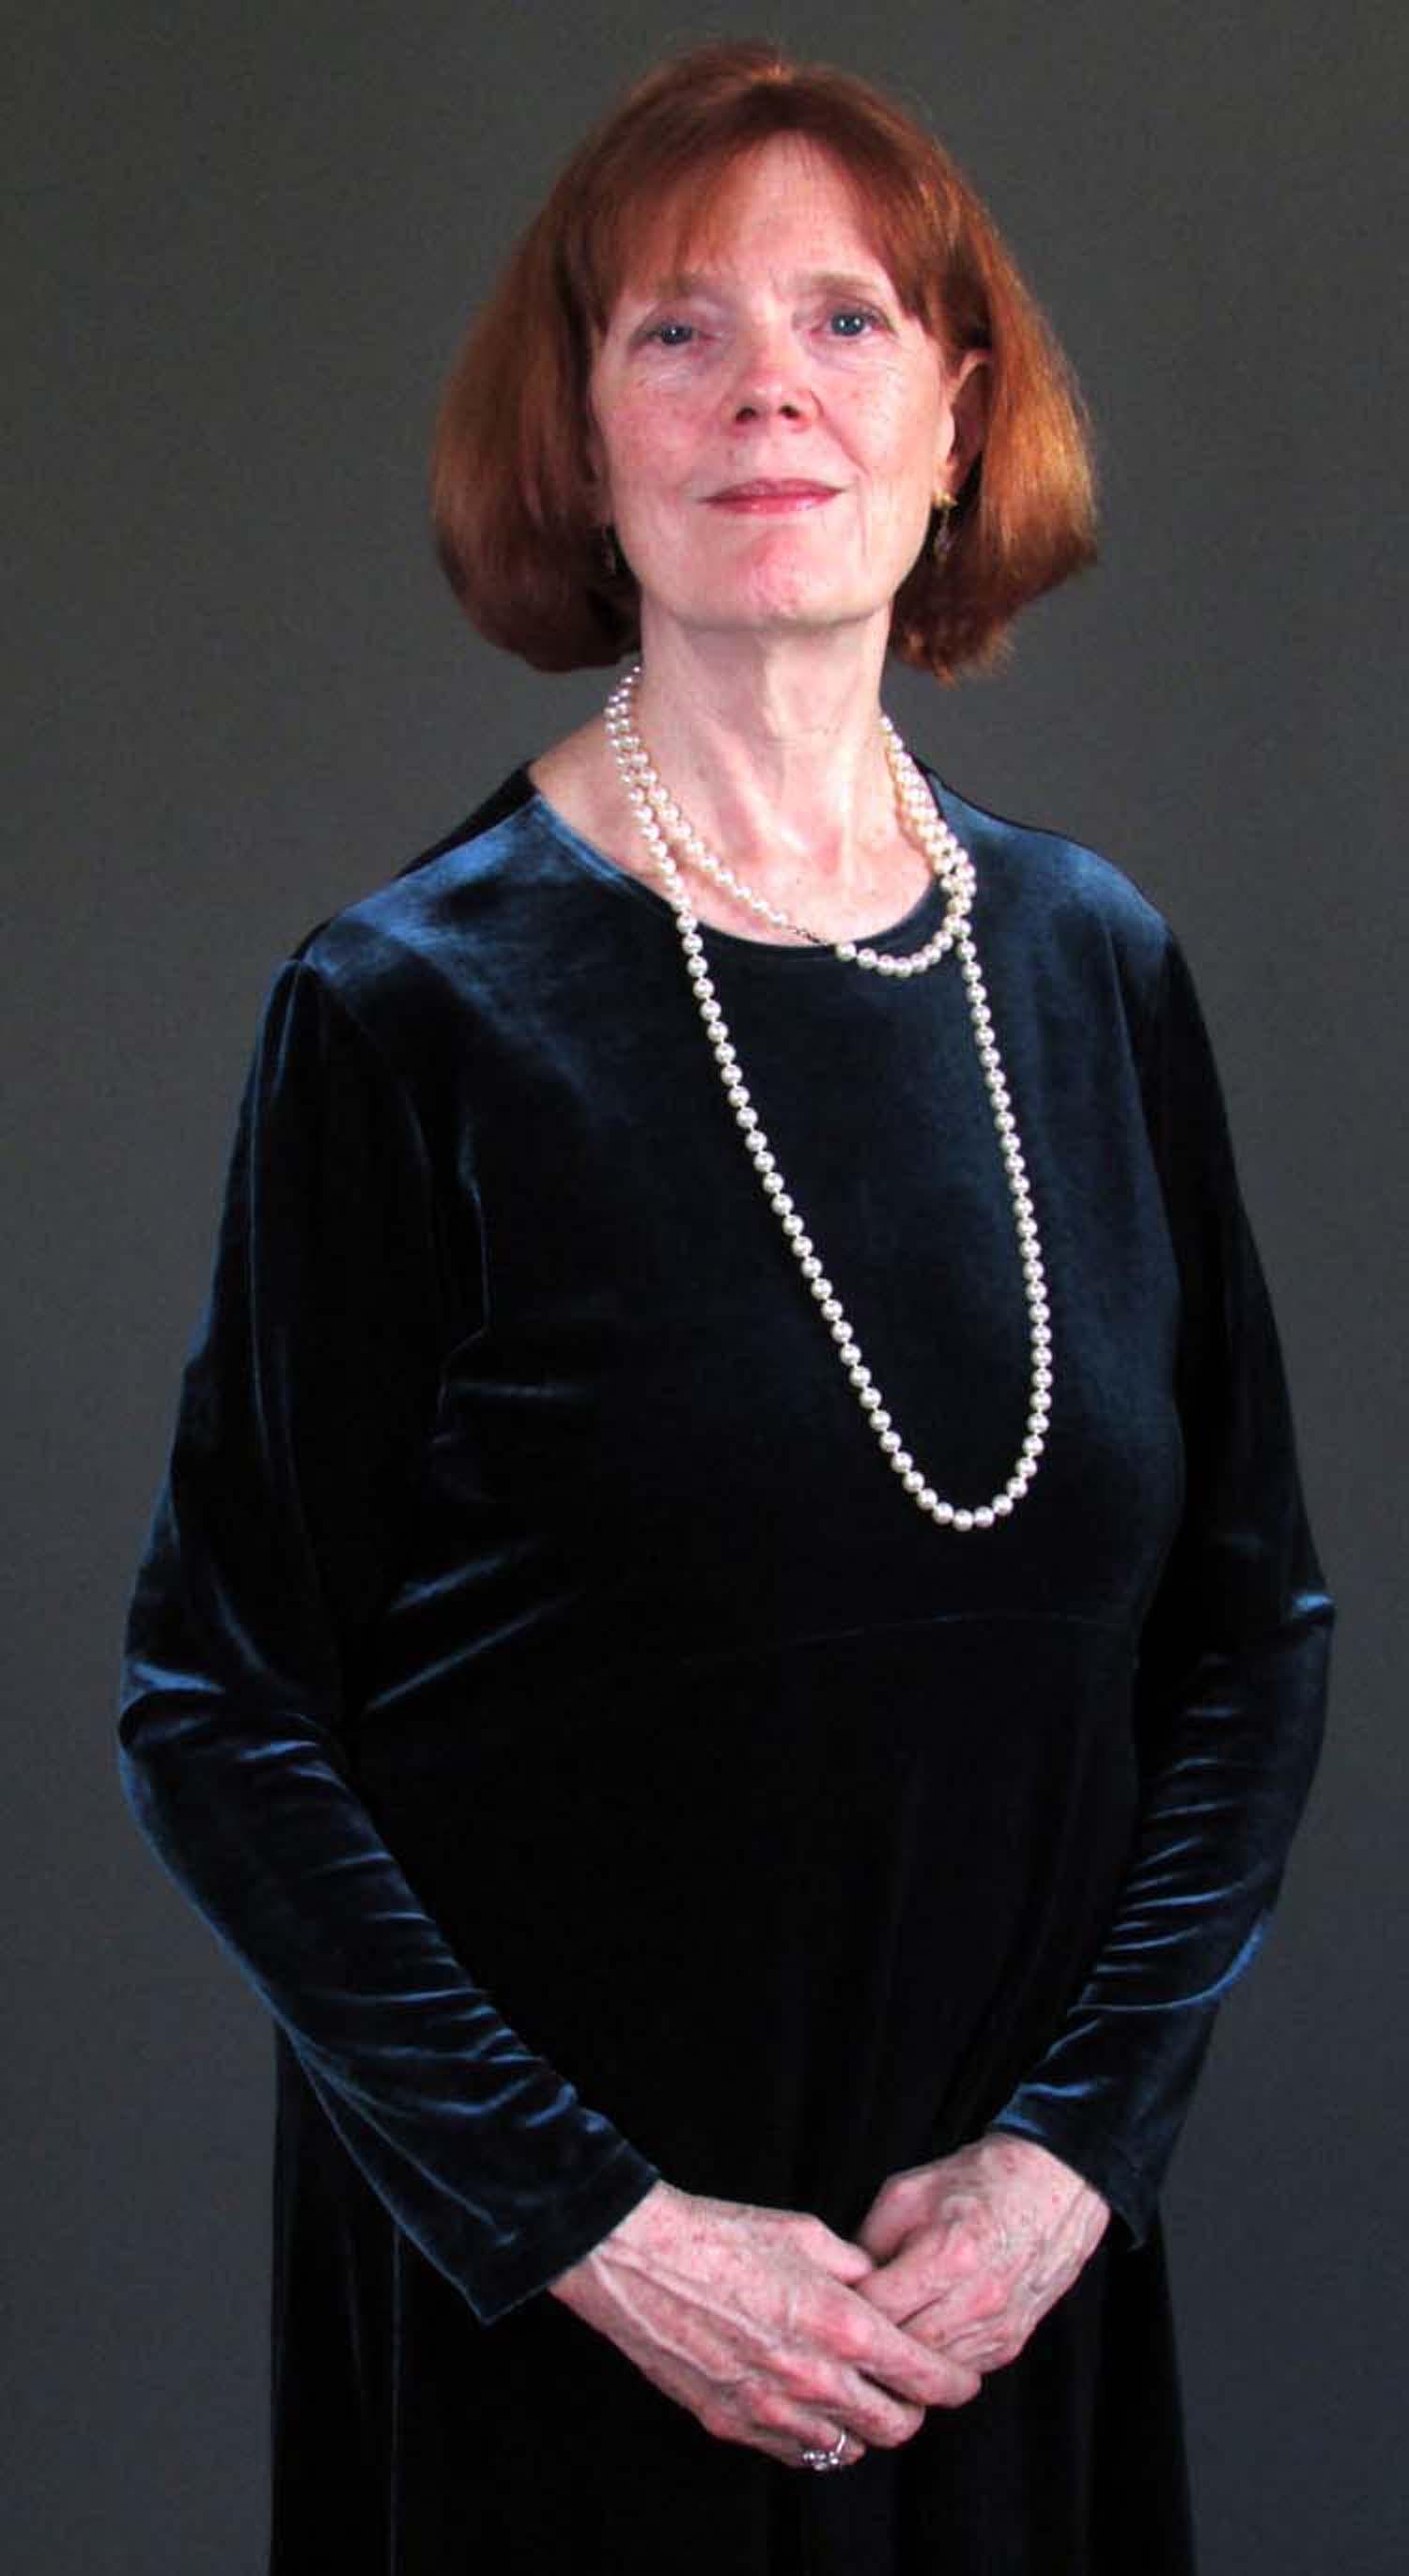 Susan Kirby in Blue Dress 1500.jpg